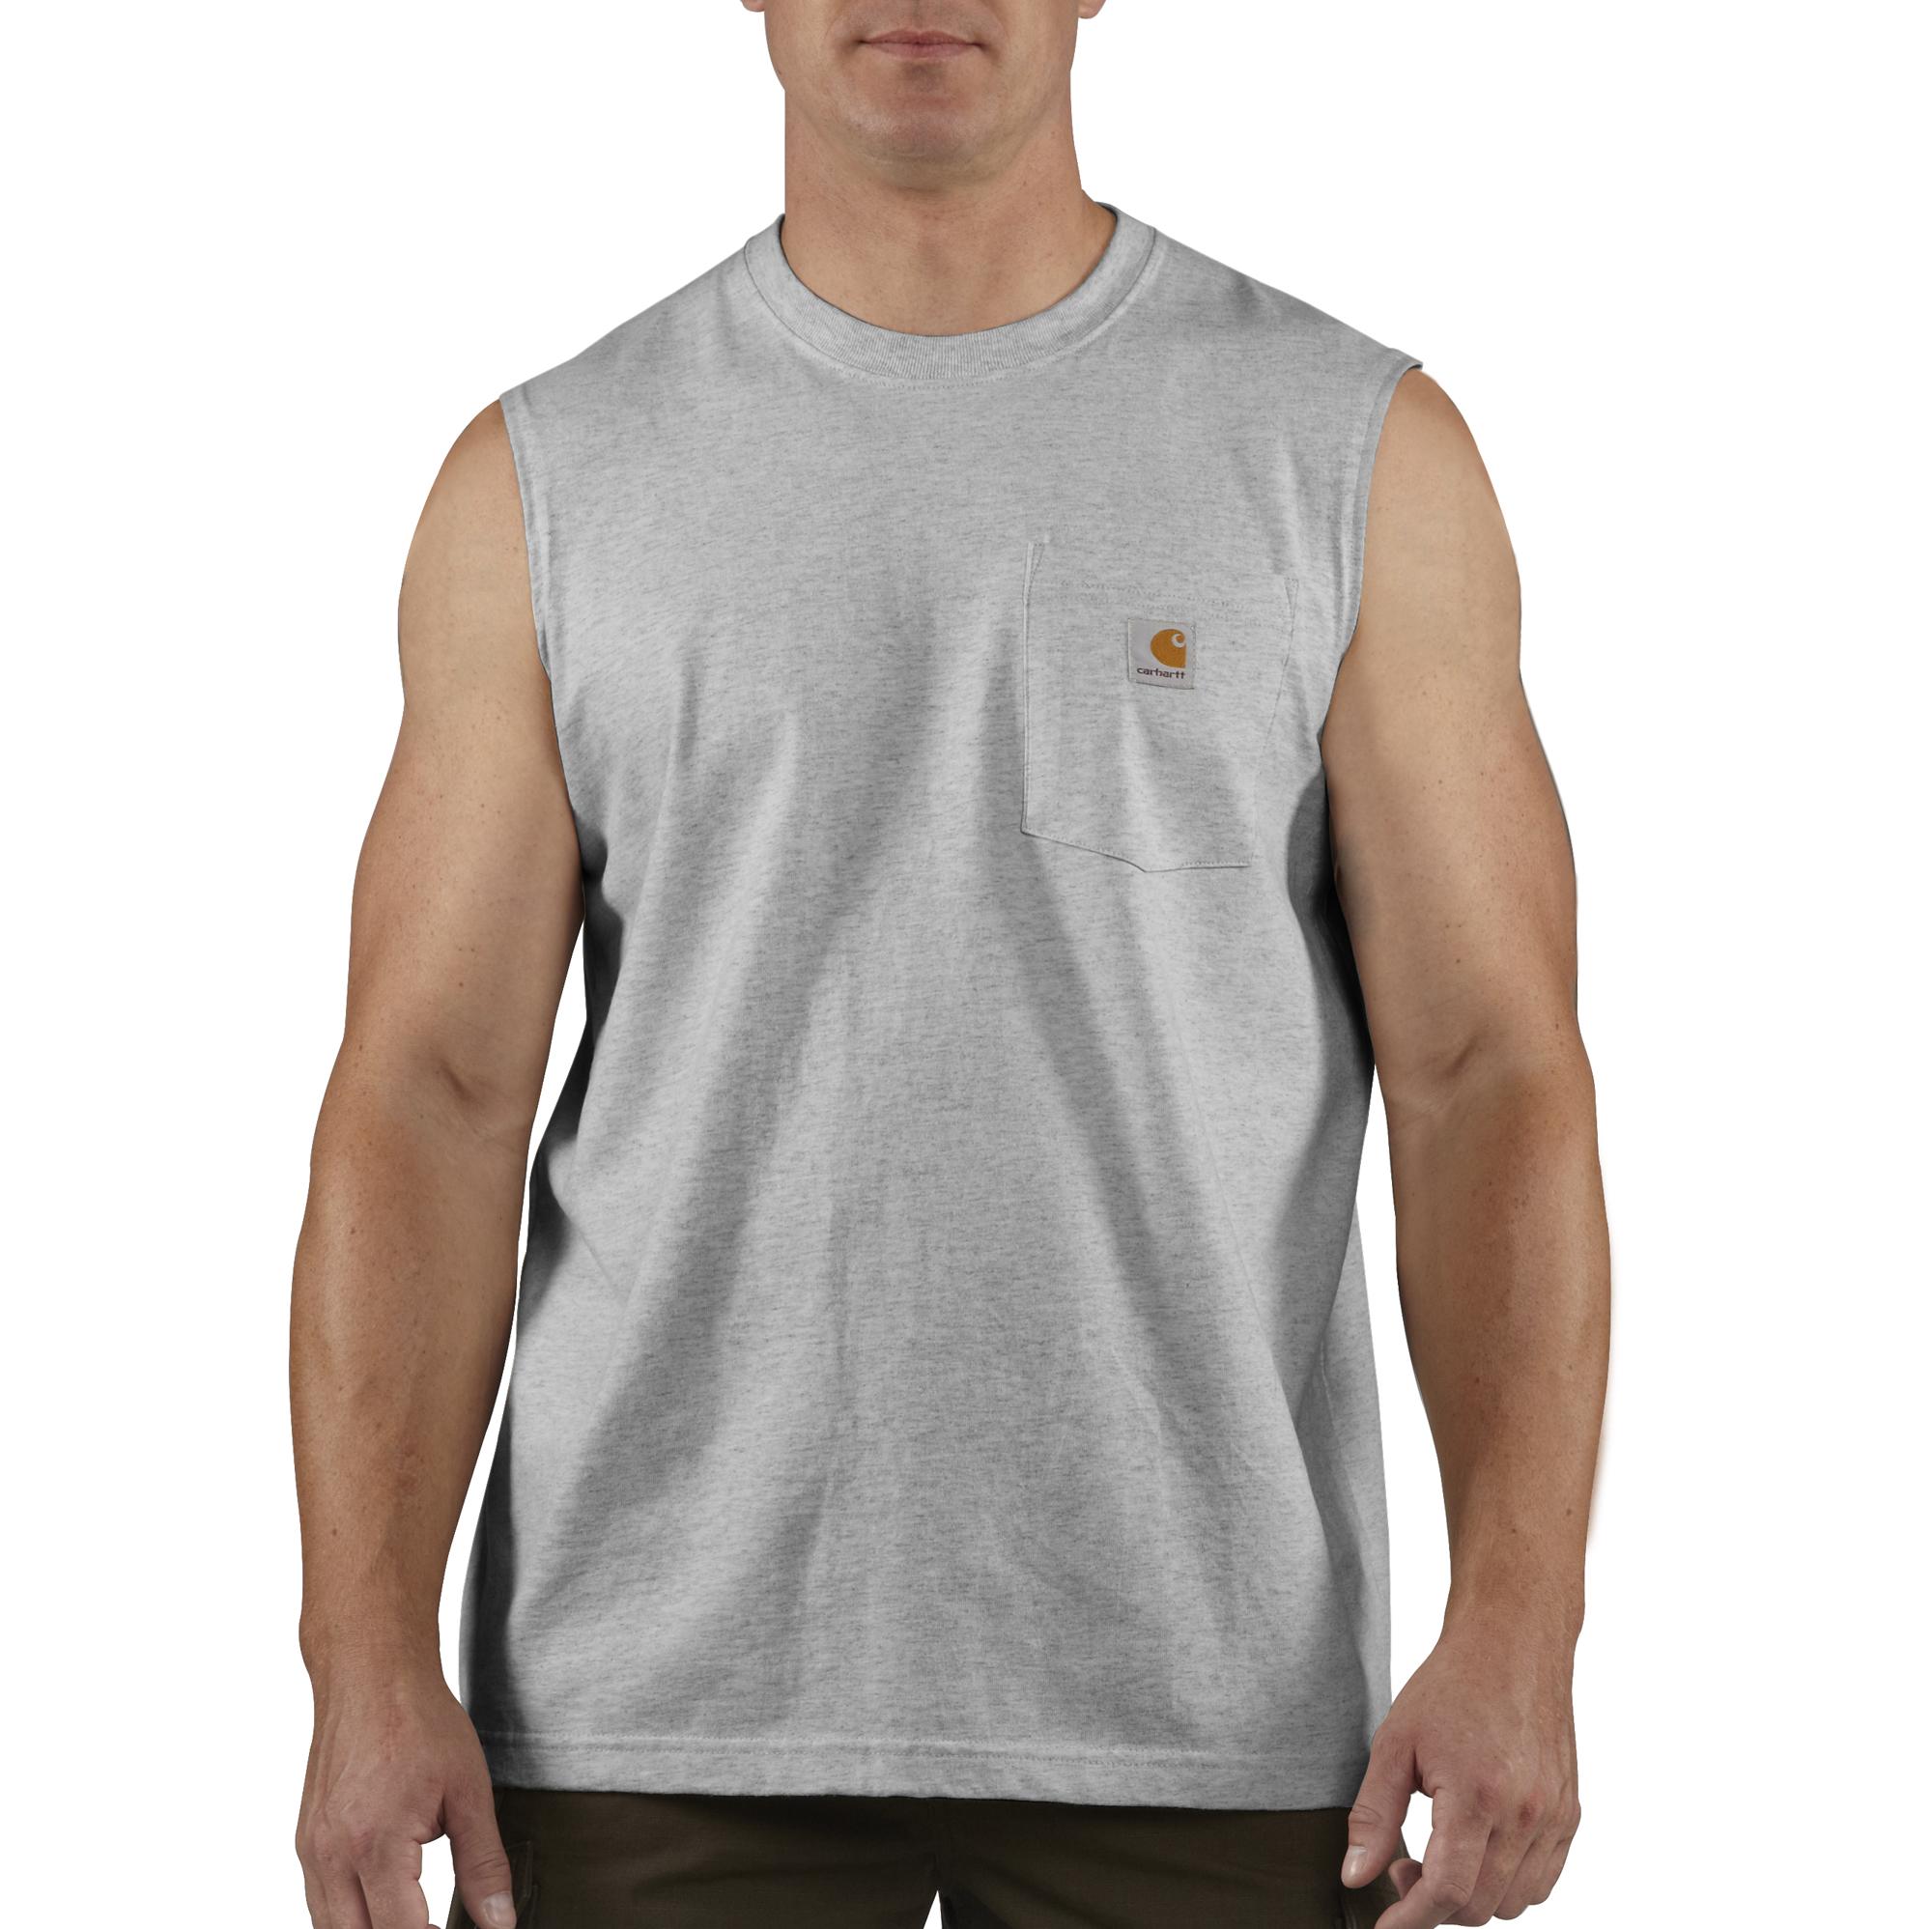 ca40a3dfd5269 Carhartt Womens Sleeveless T Shirt